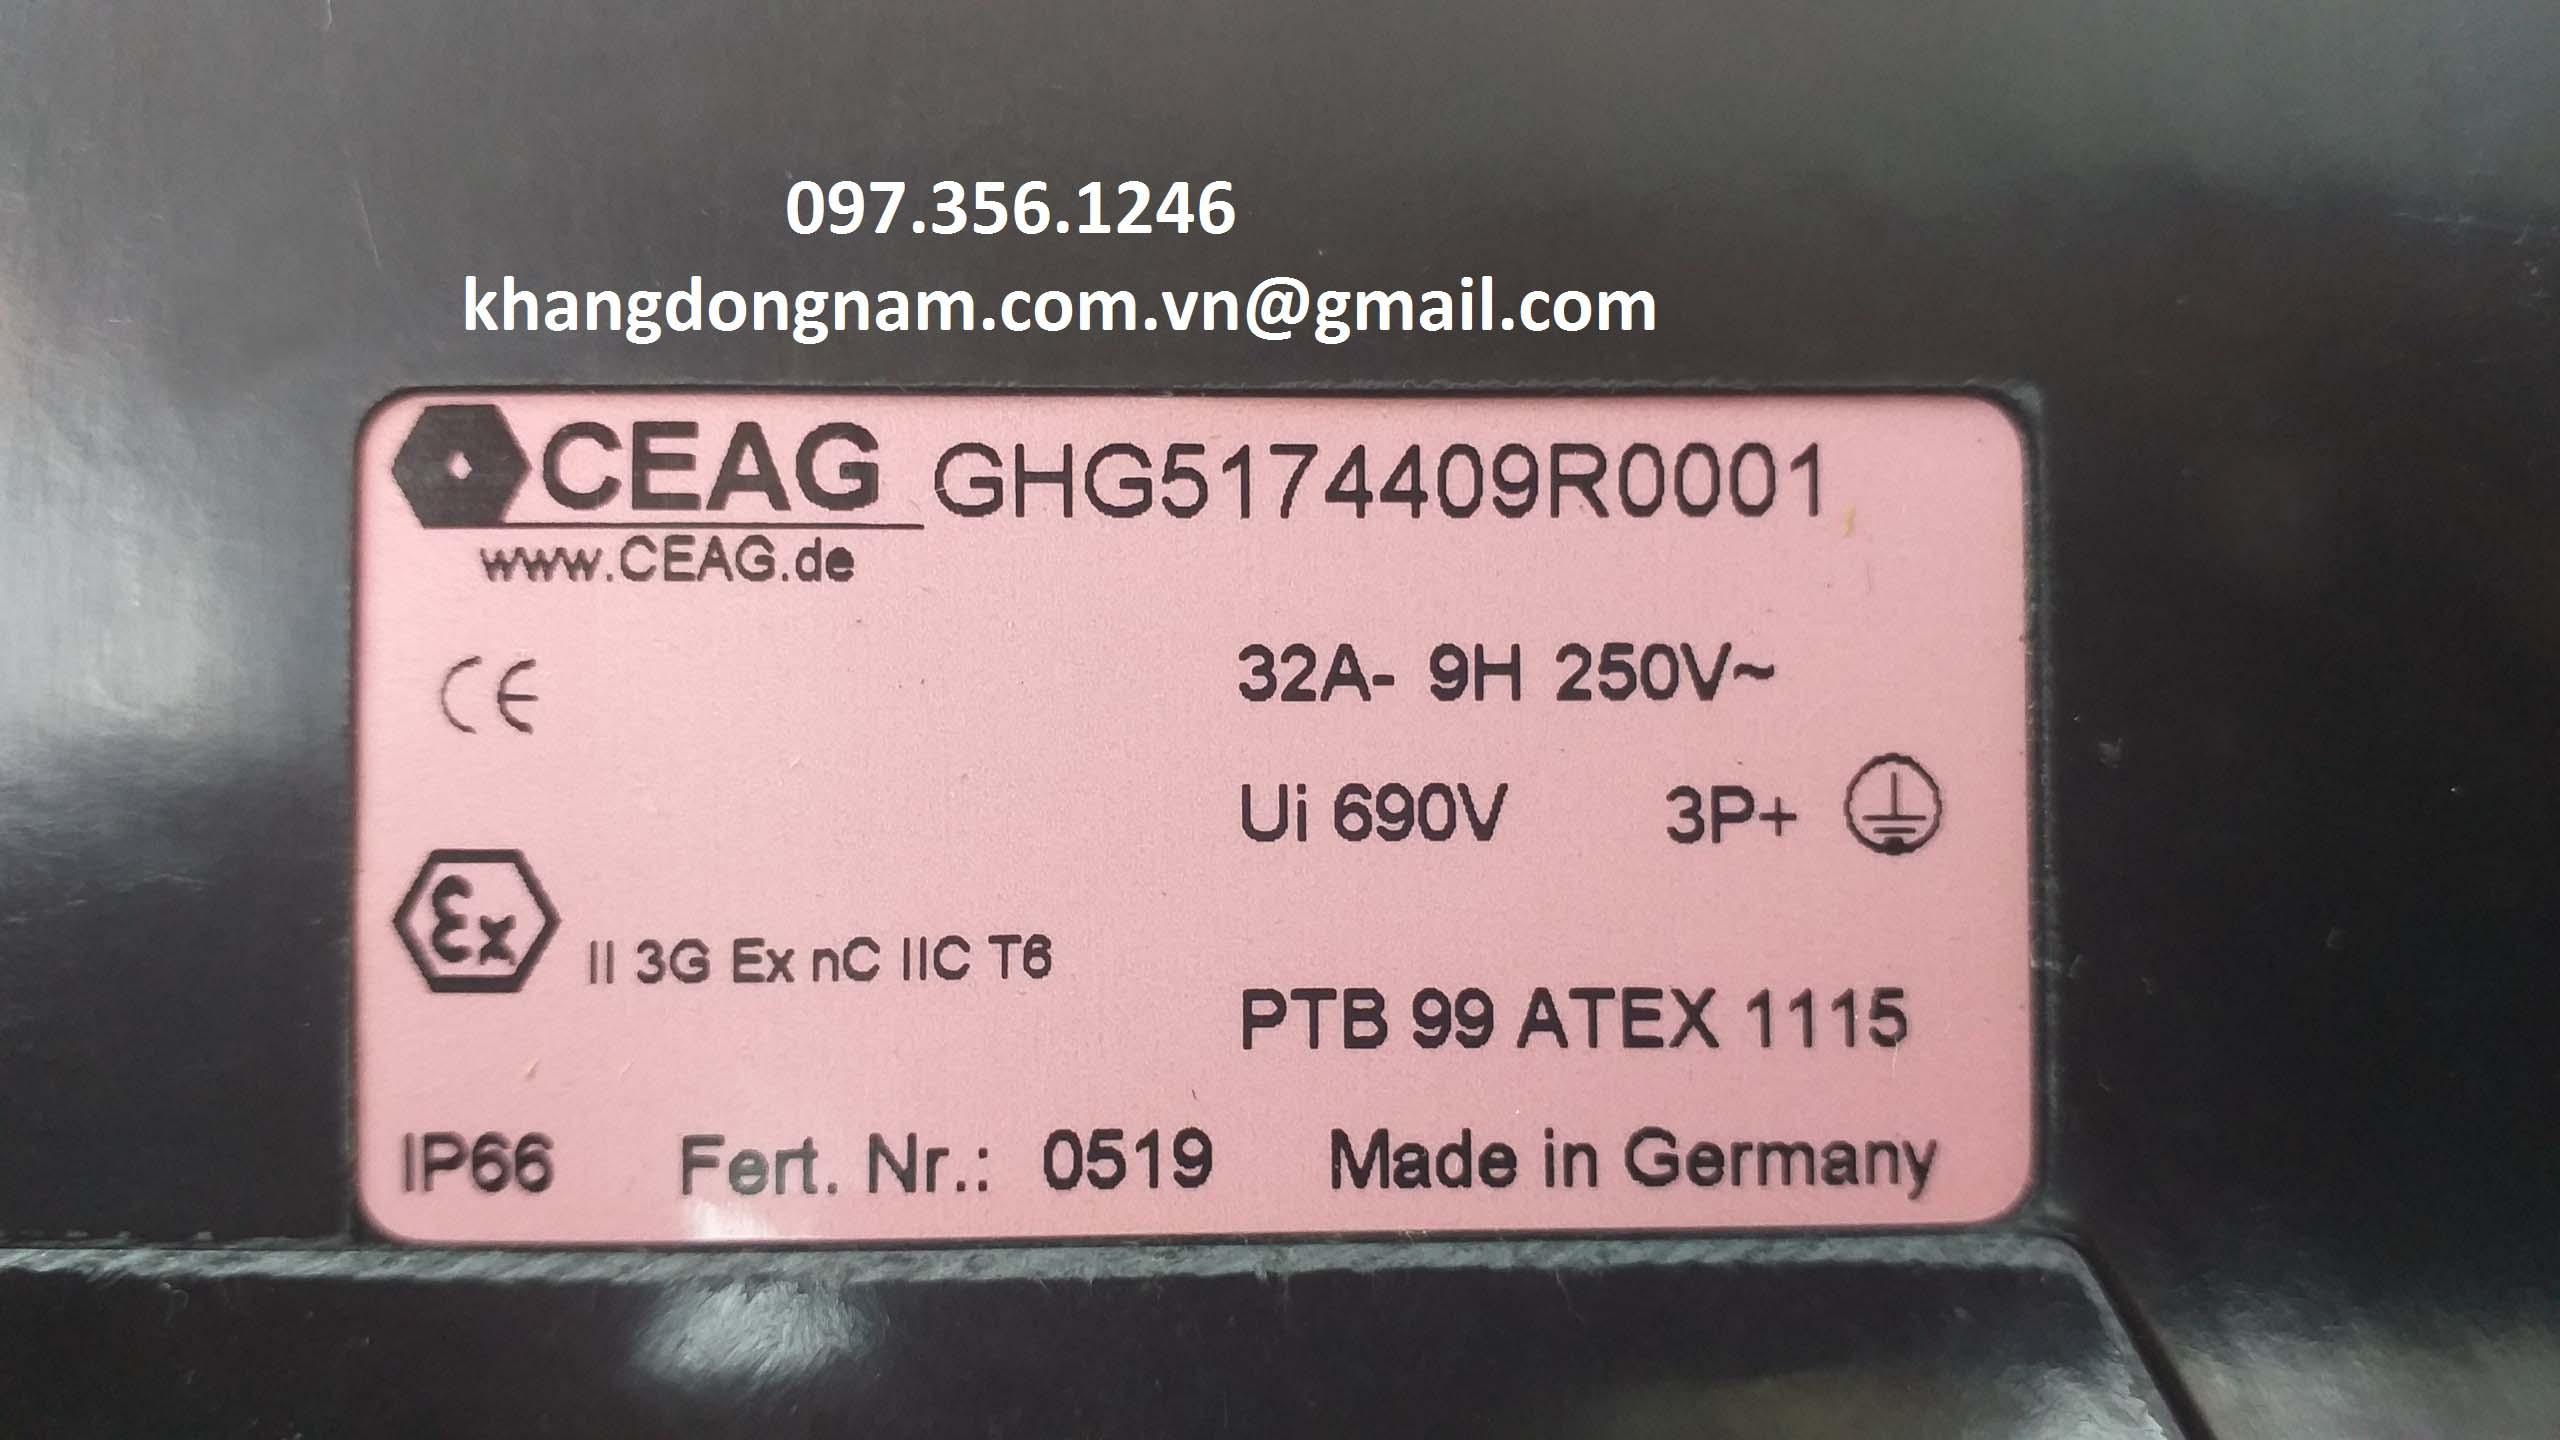 Ổ cắm chống cháy nổ CEAG GHG5174409R0001 (7)